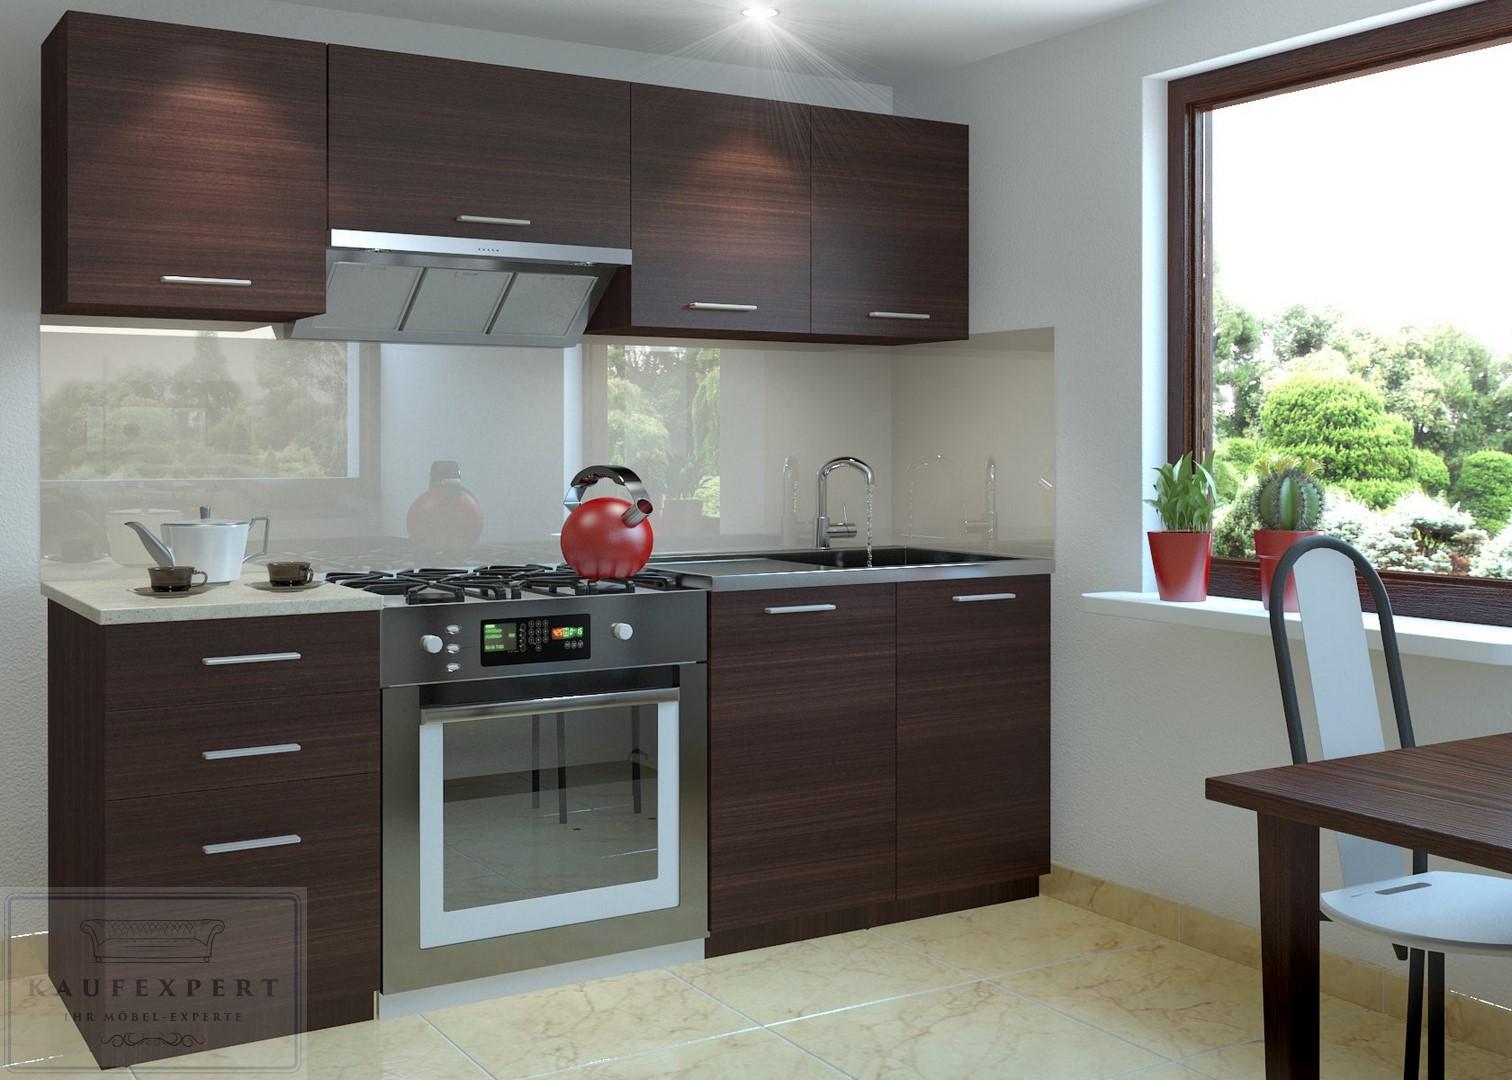 KAUFEXPERT - Küchenzeile Moderno E Wenge 180 cm Küche Küchenblock ...